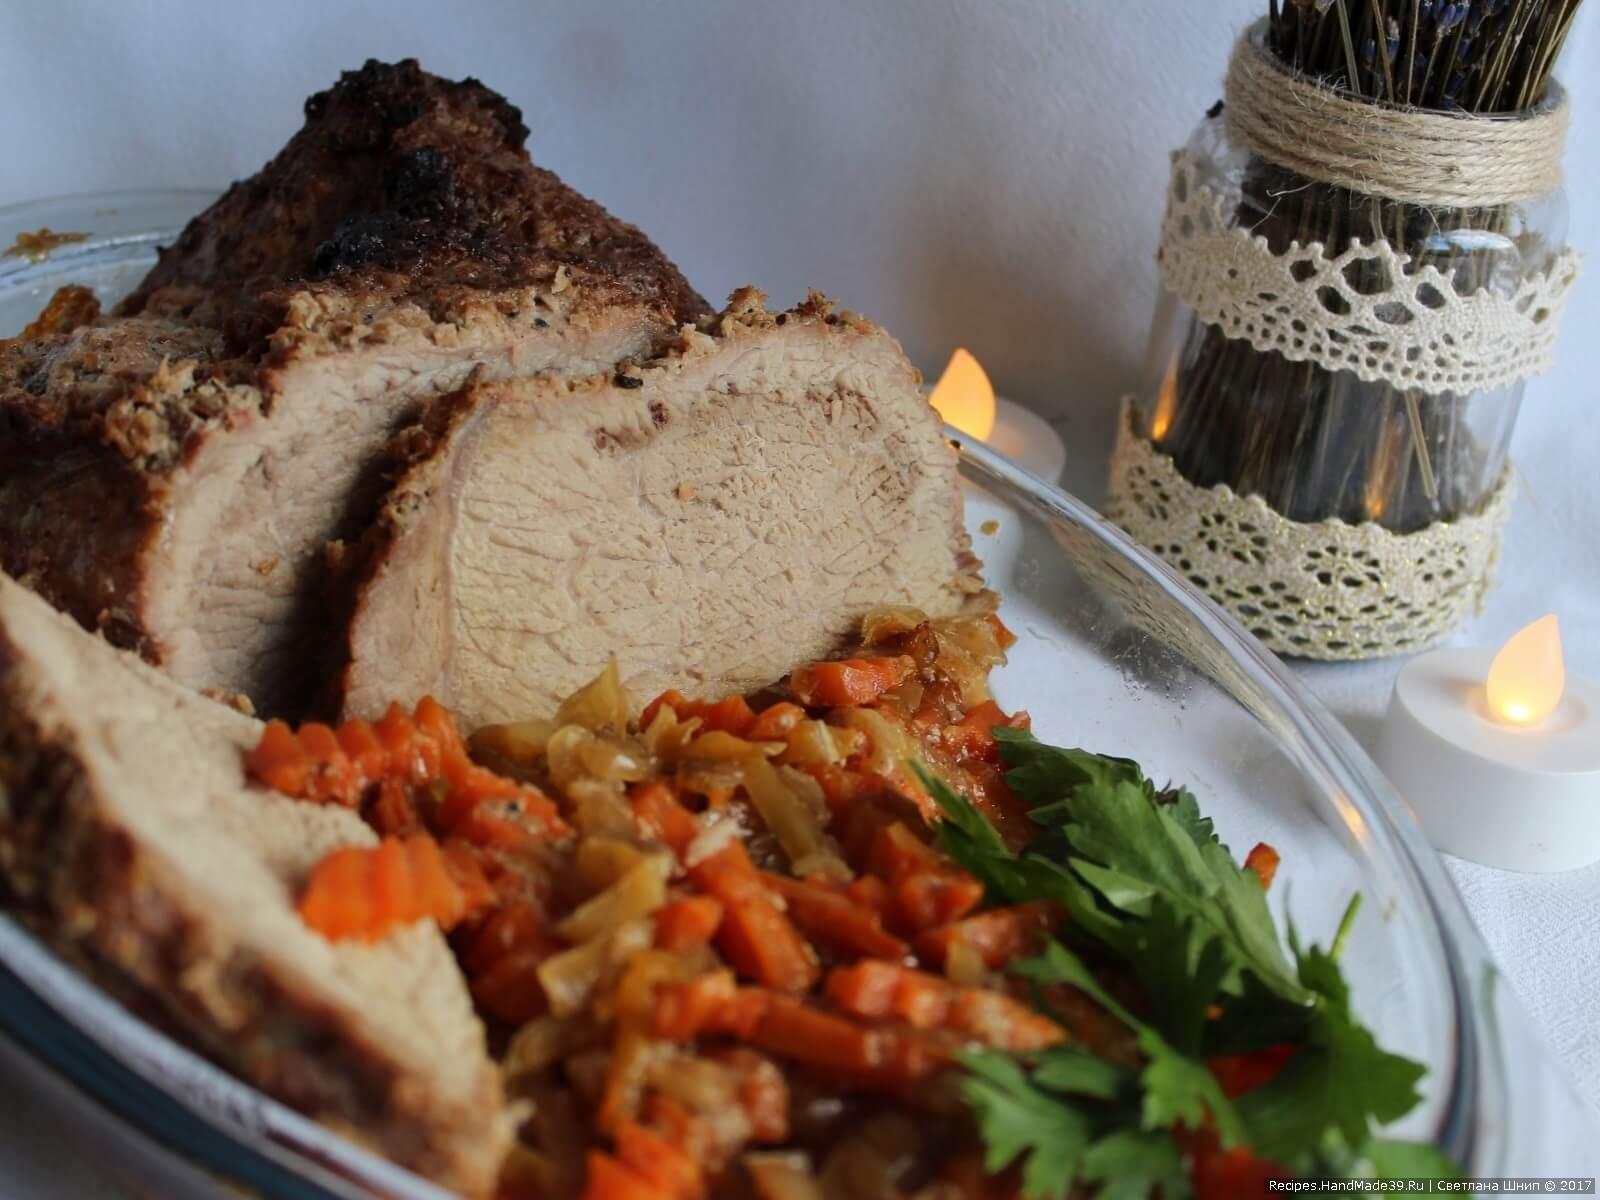 Мясо в маринаде с хреном, запечённое в духовке – традиционное блюдо русской кухни